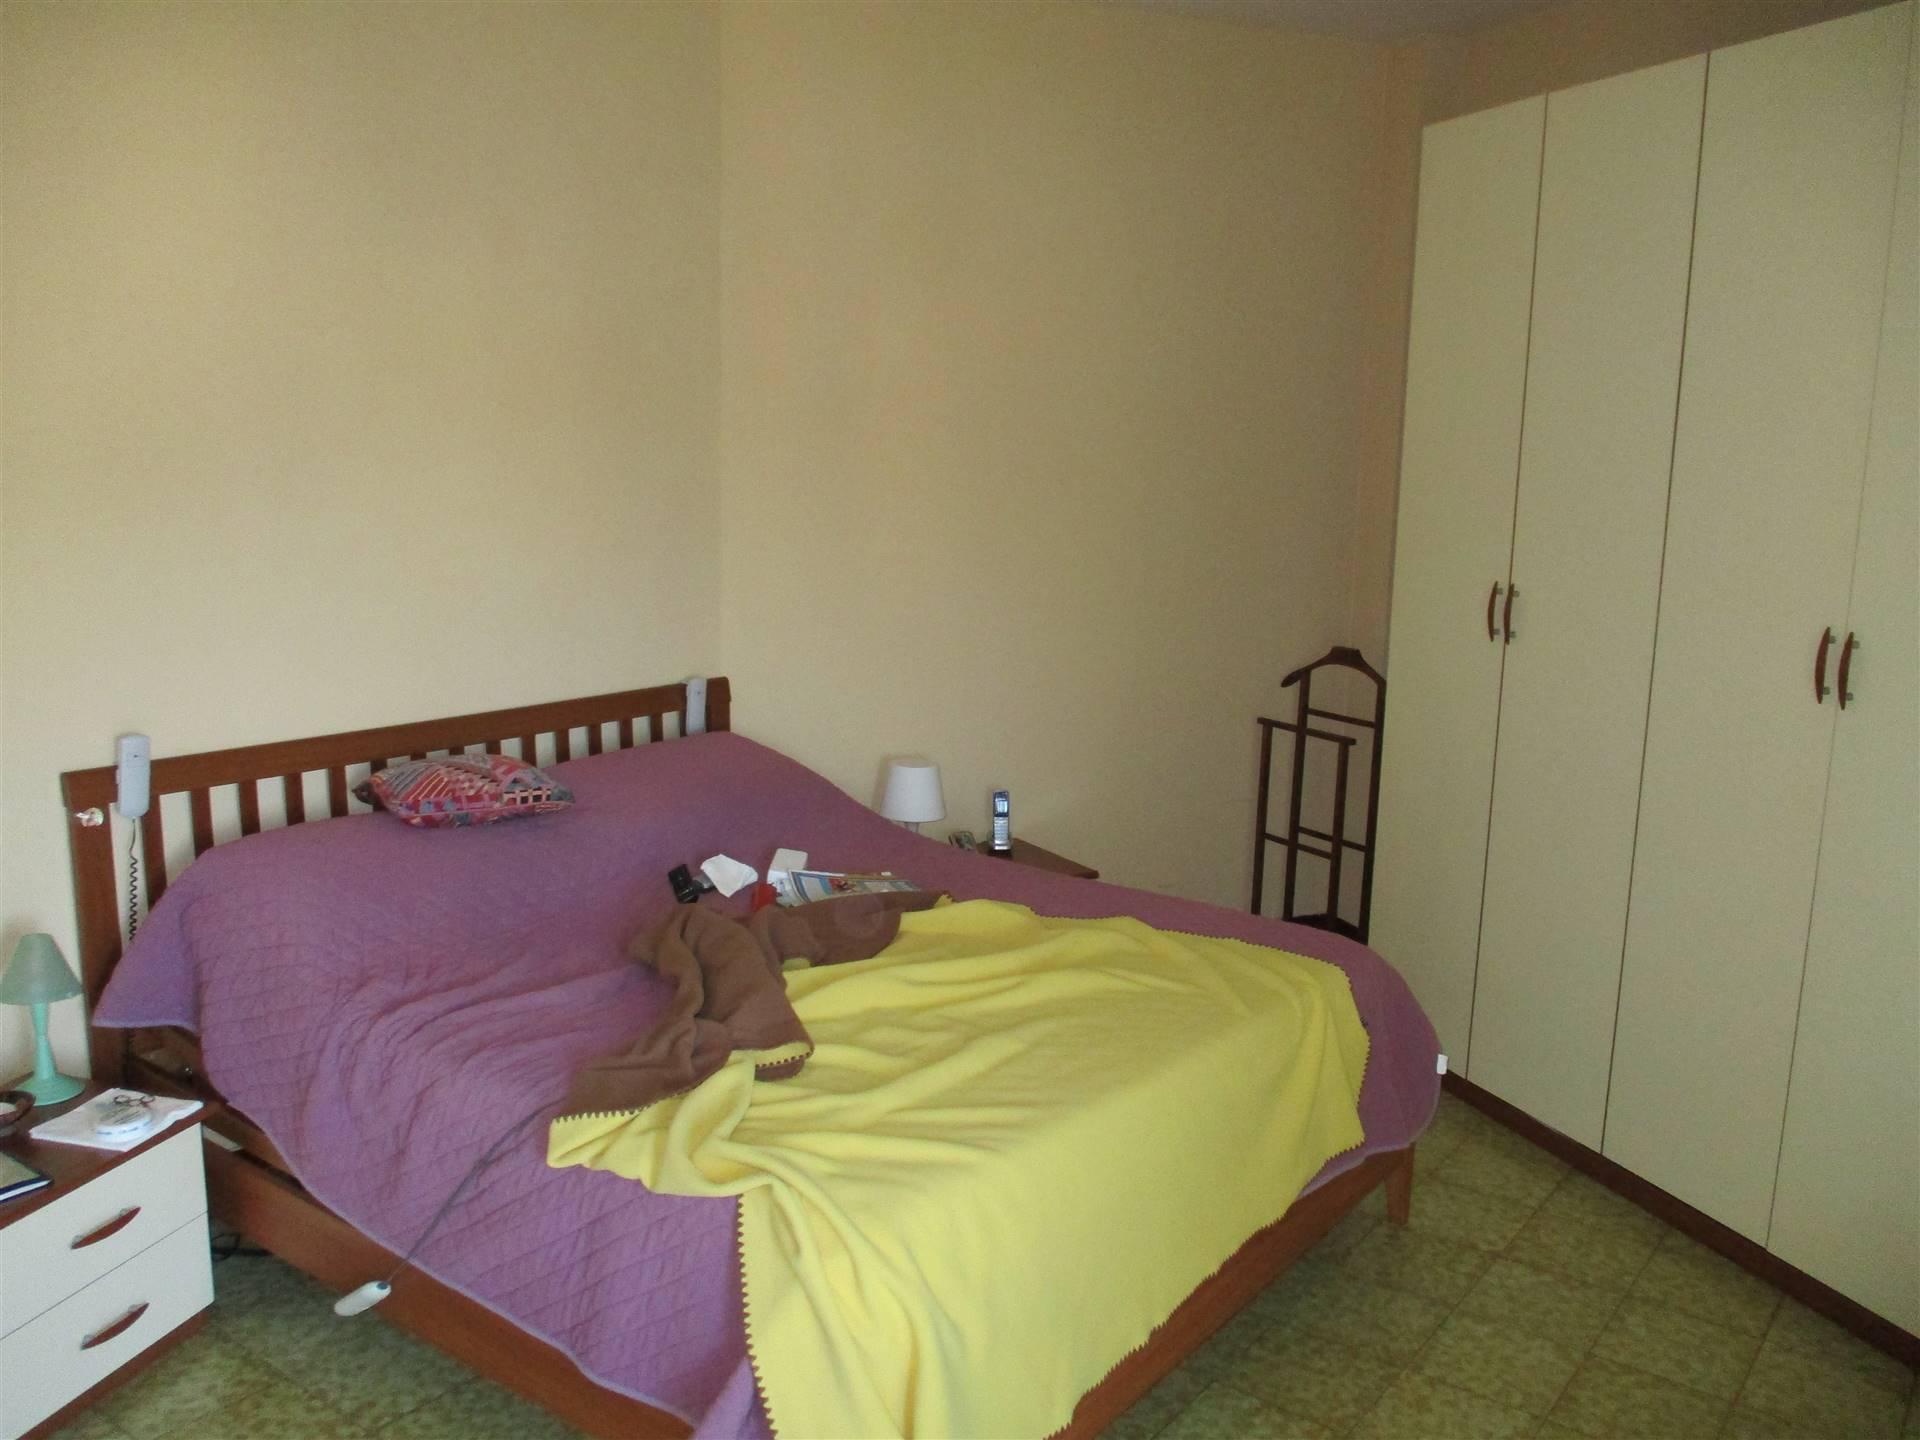 Appartamento in Vendita a Poggio a caiano zona  - immagine 8